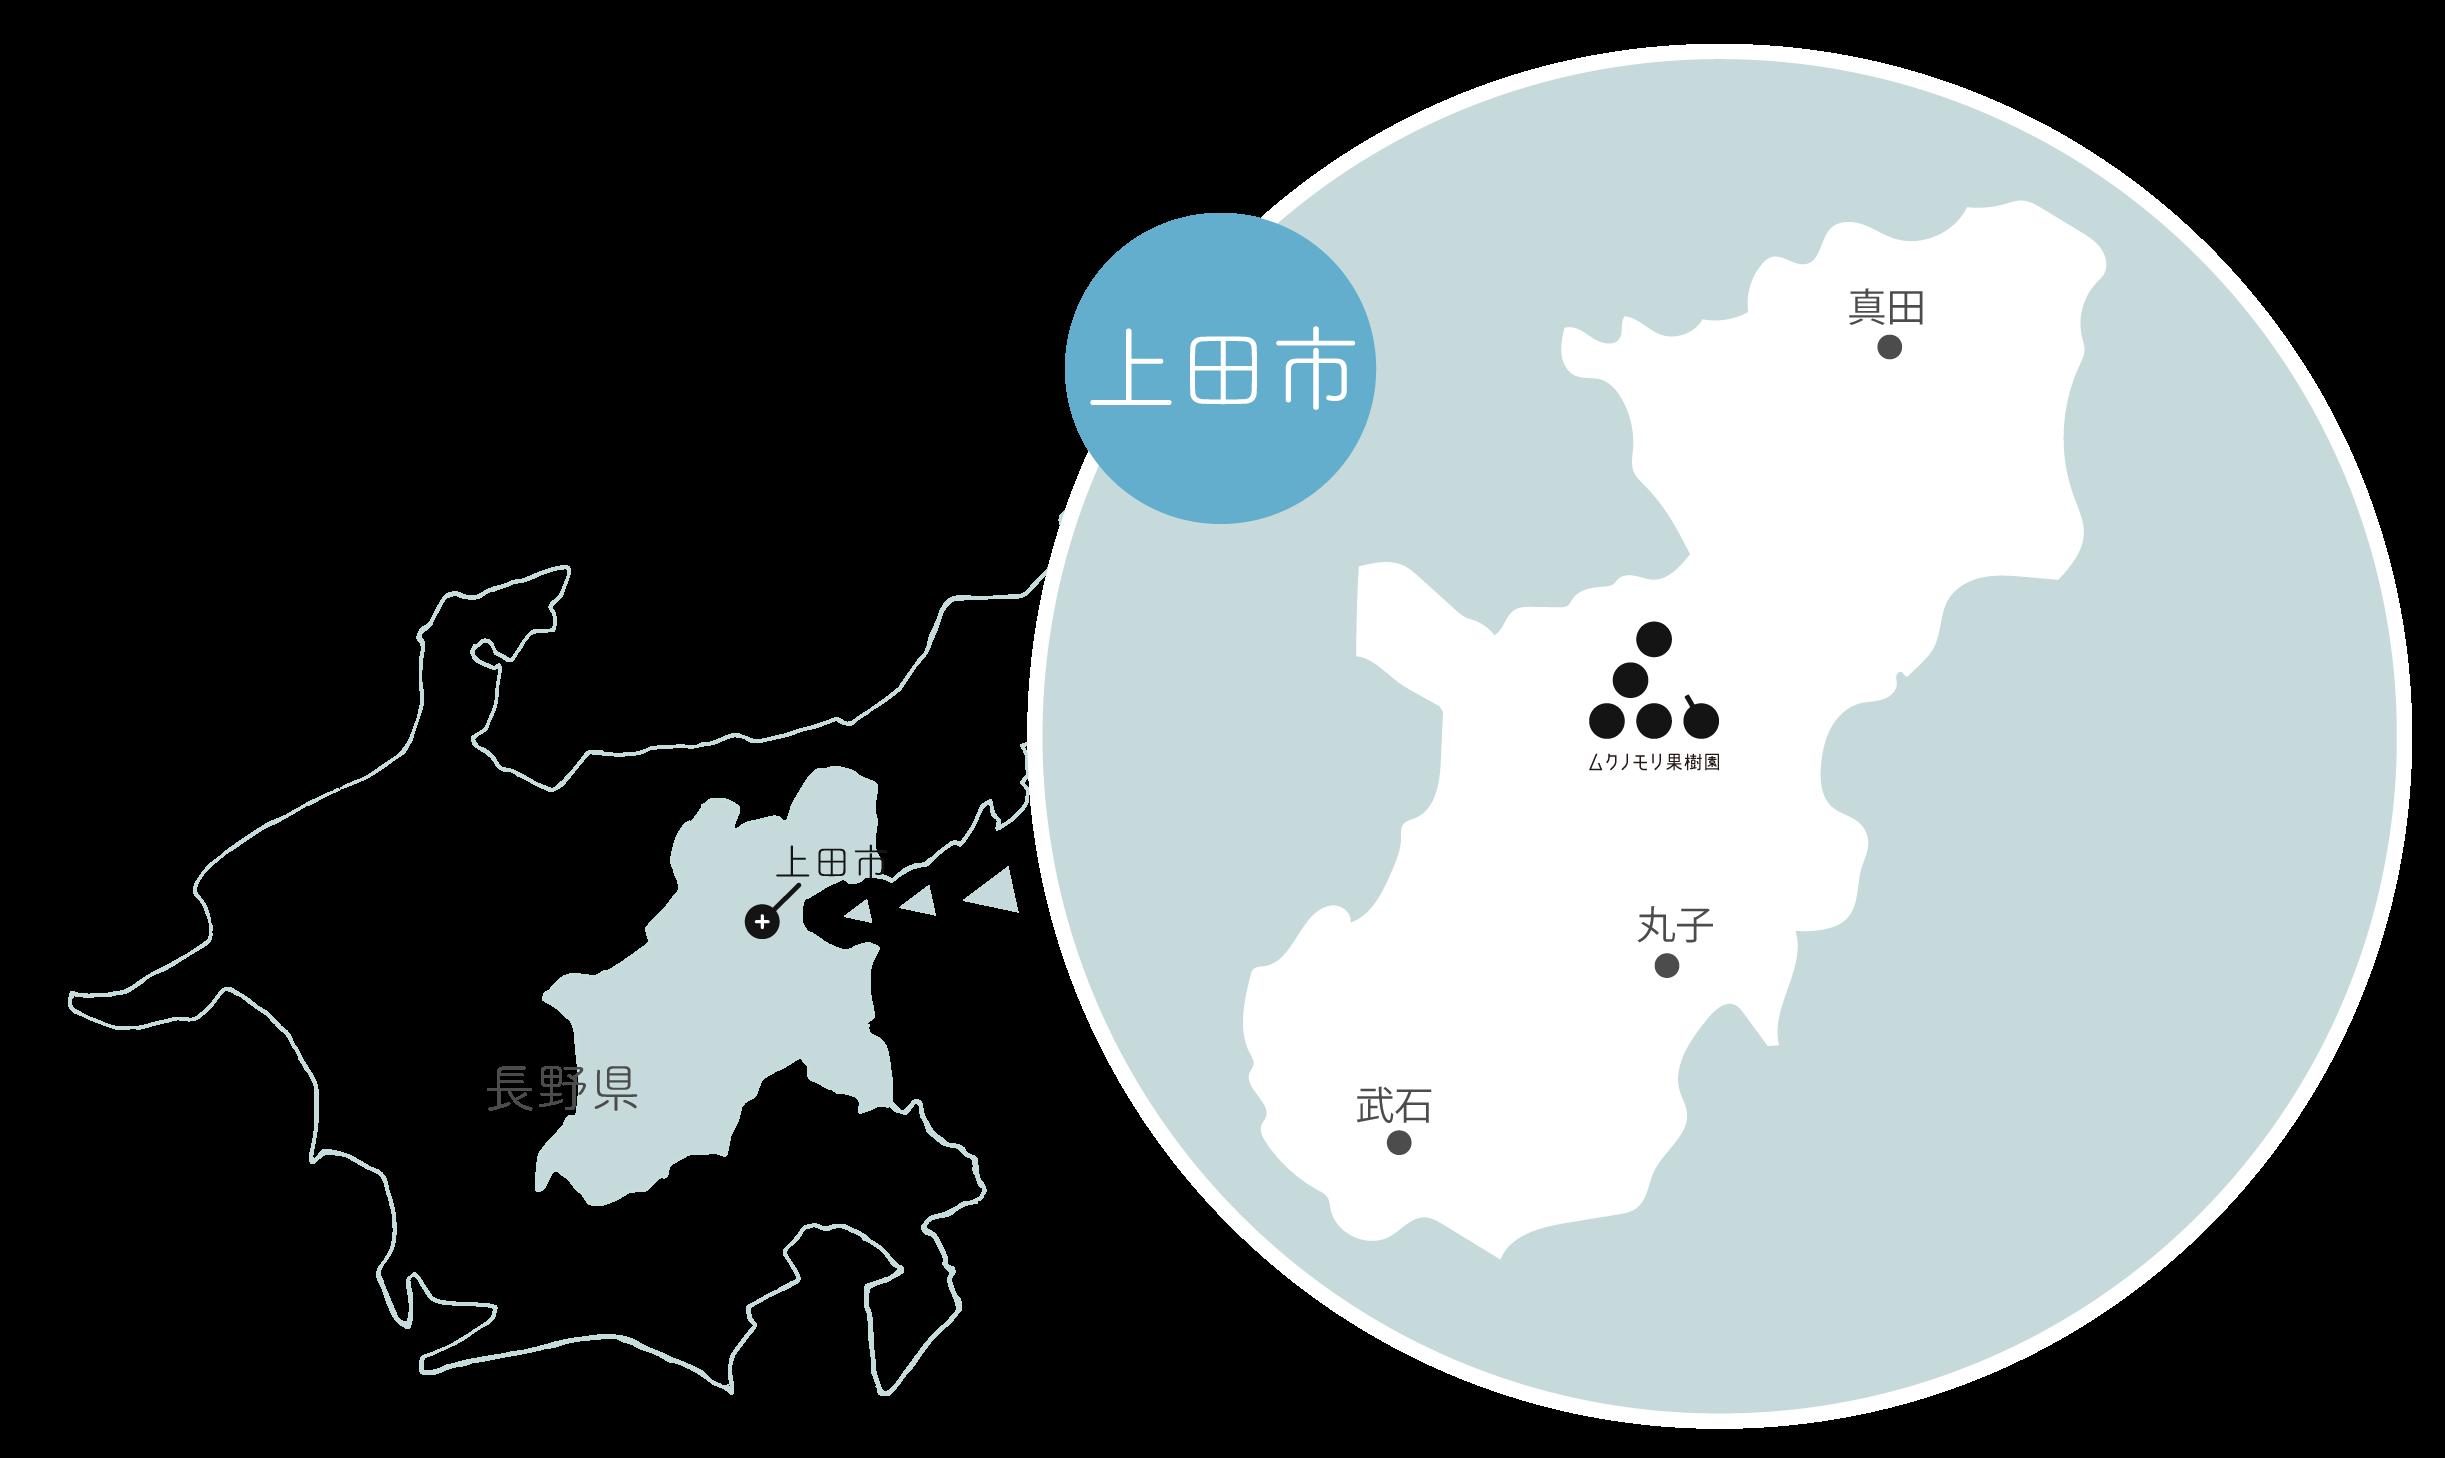 ueda-map02